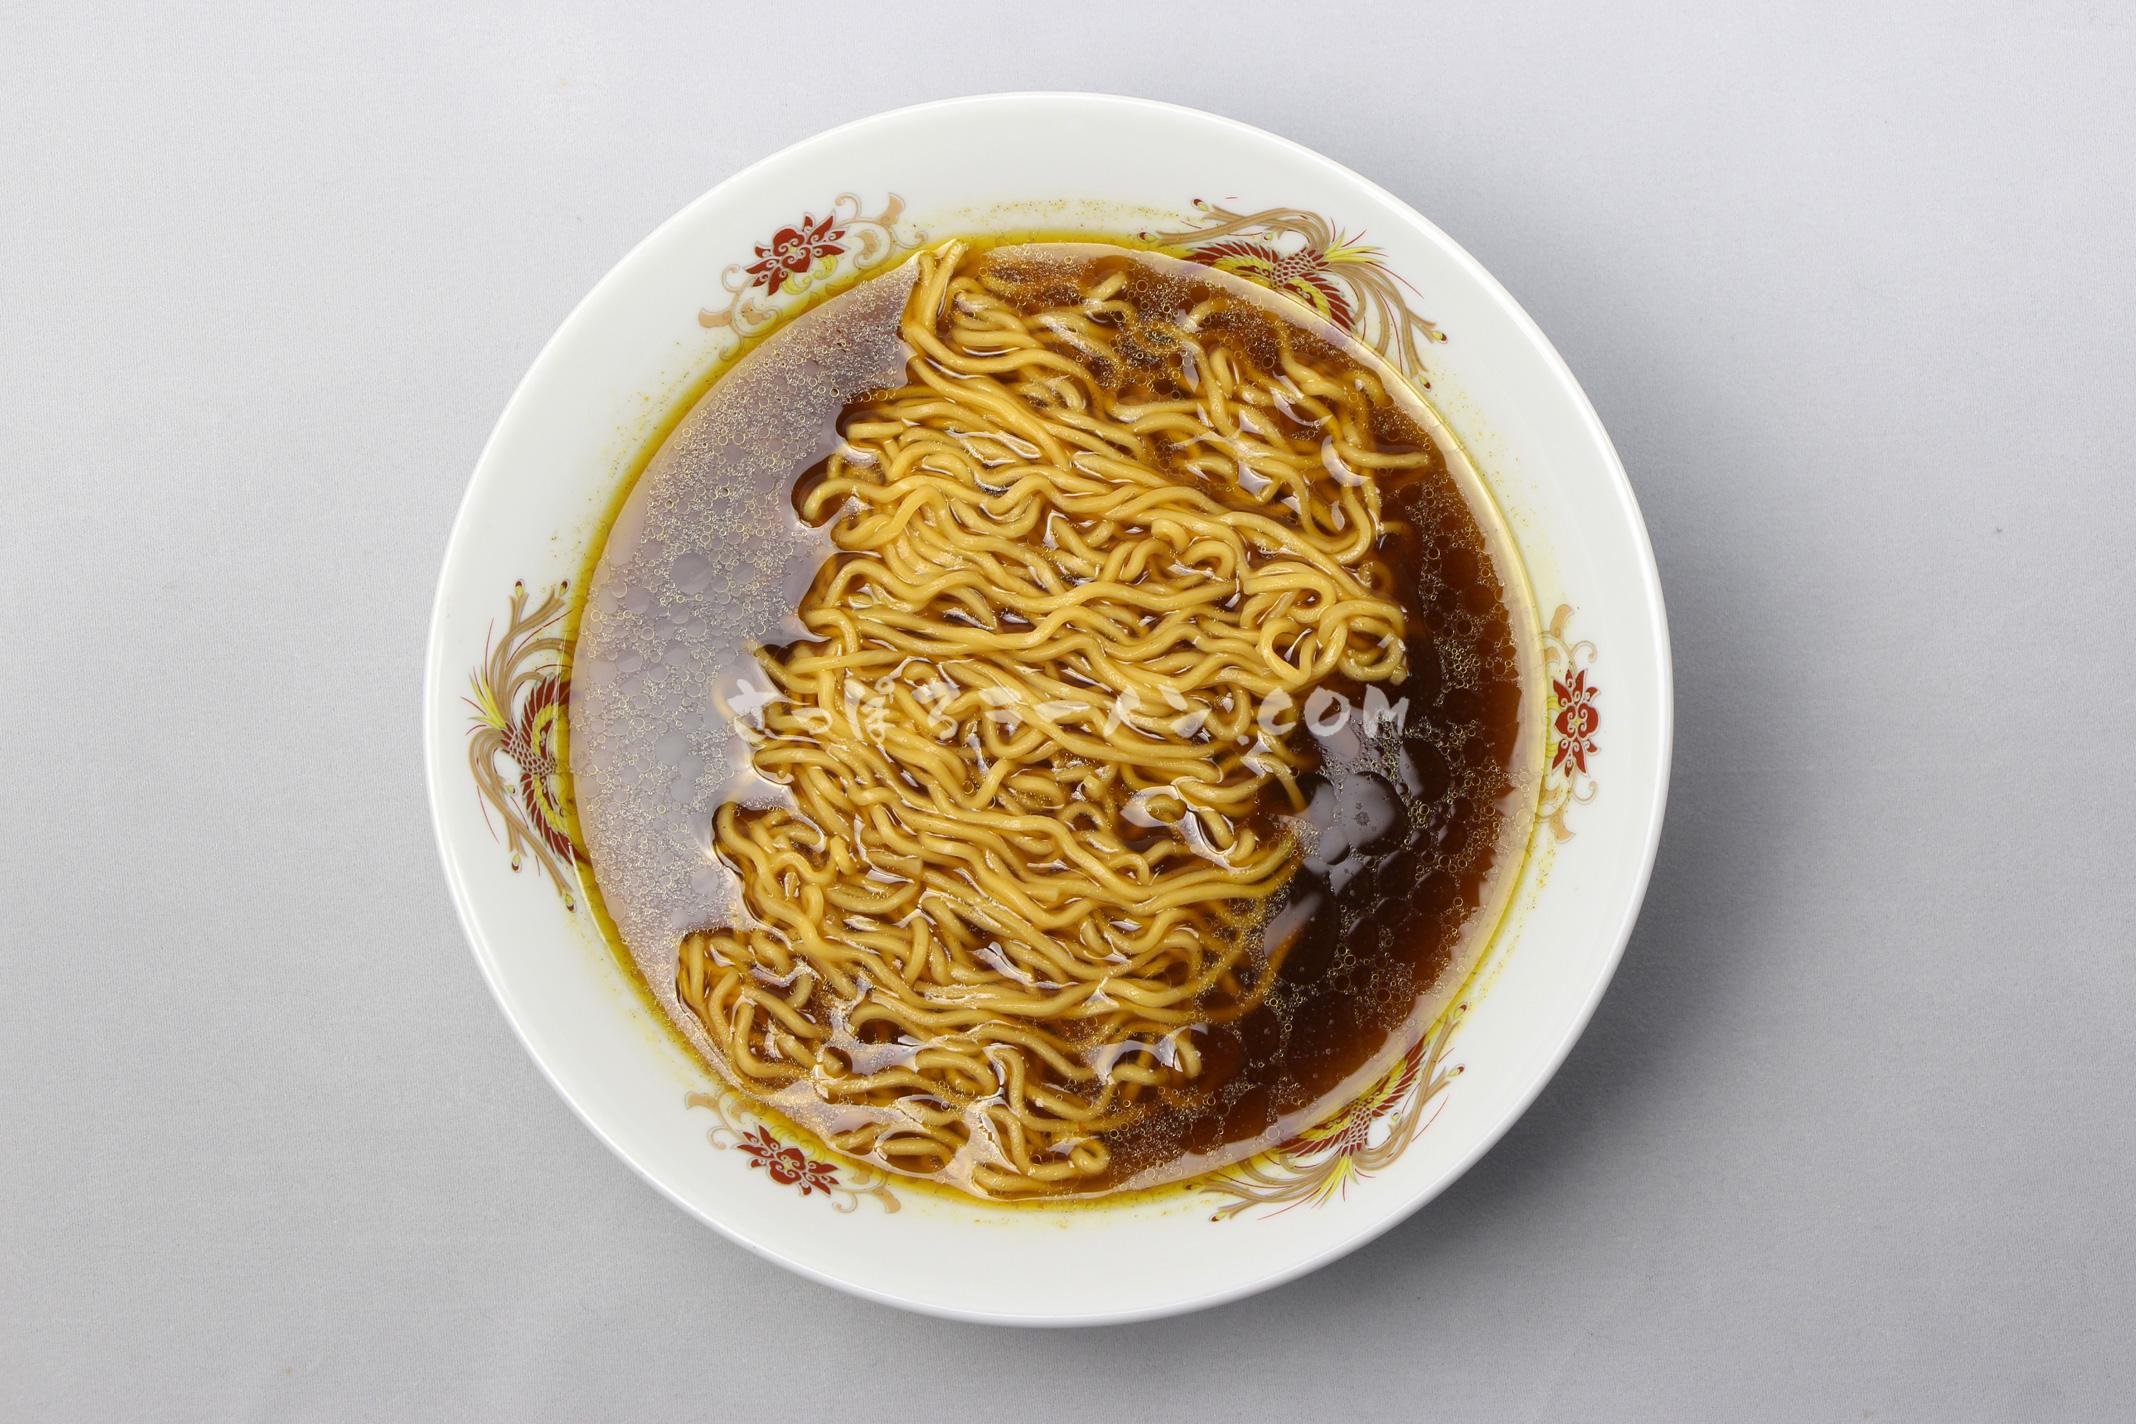 「下村泰山監修 マジックスパイス スープカレーラーメン」(株式会社アンヌプリ)の完成画像